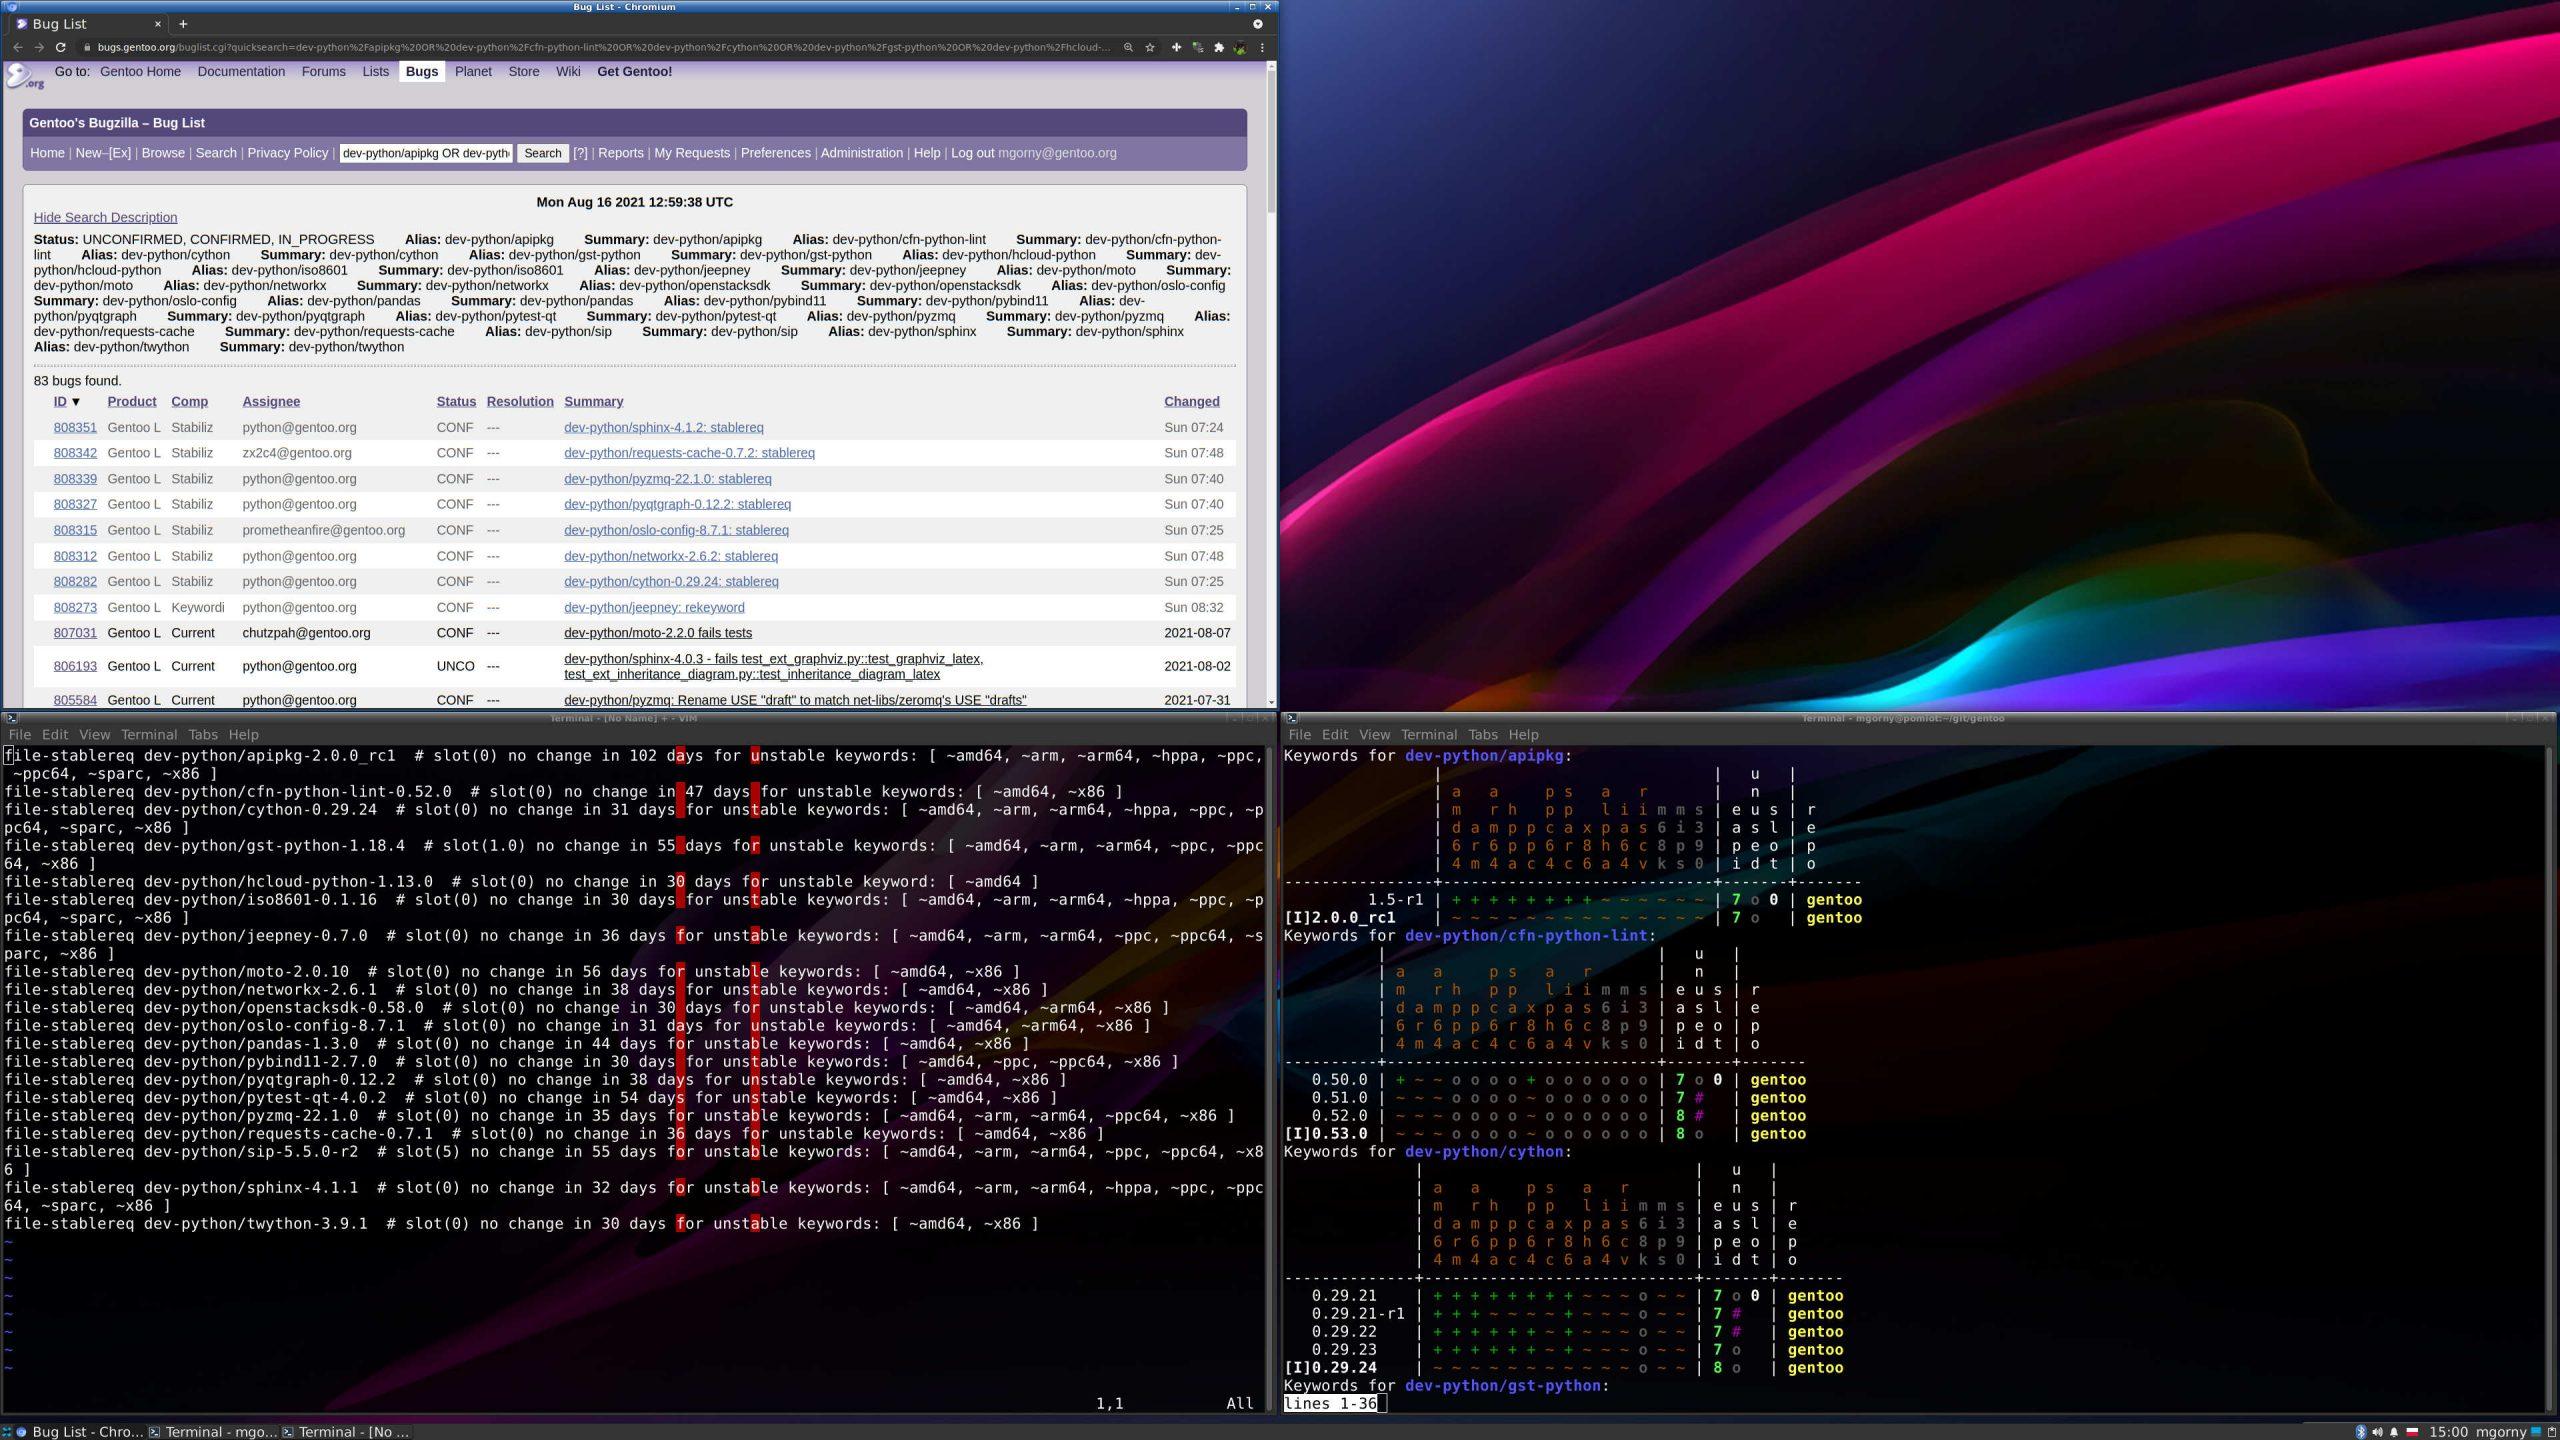 Screenshot of desktop with the described three windows open